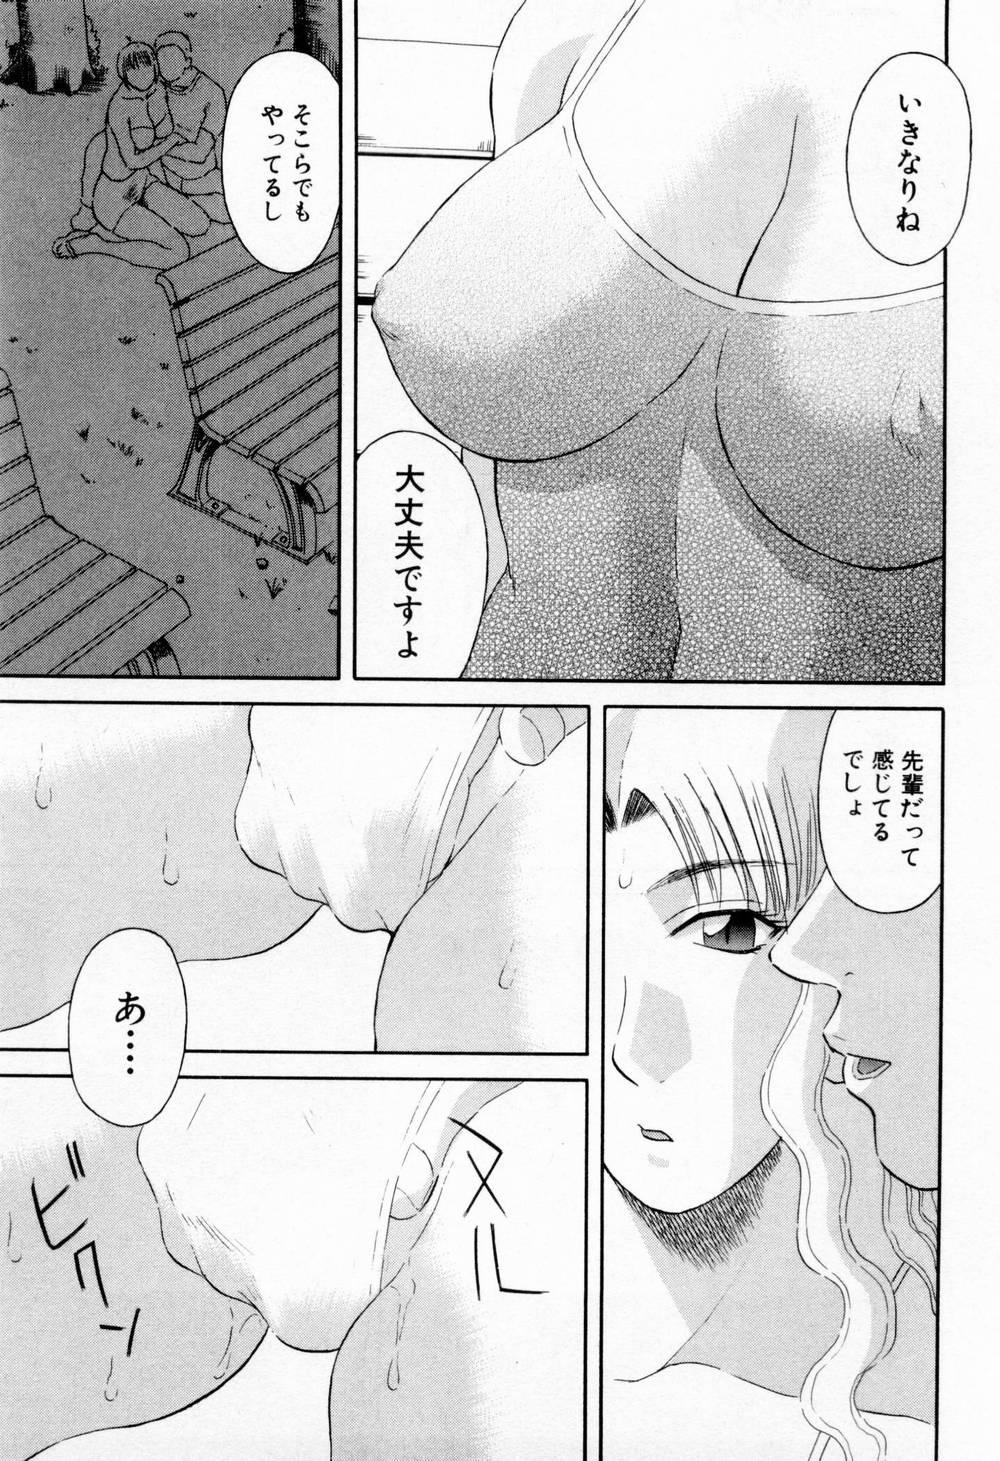 H ni Kiss Shite! Vol.5 122